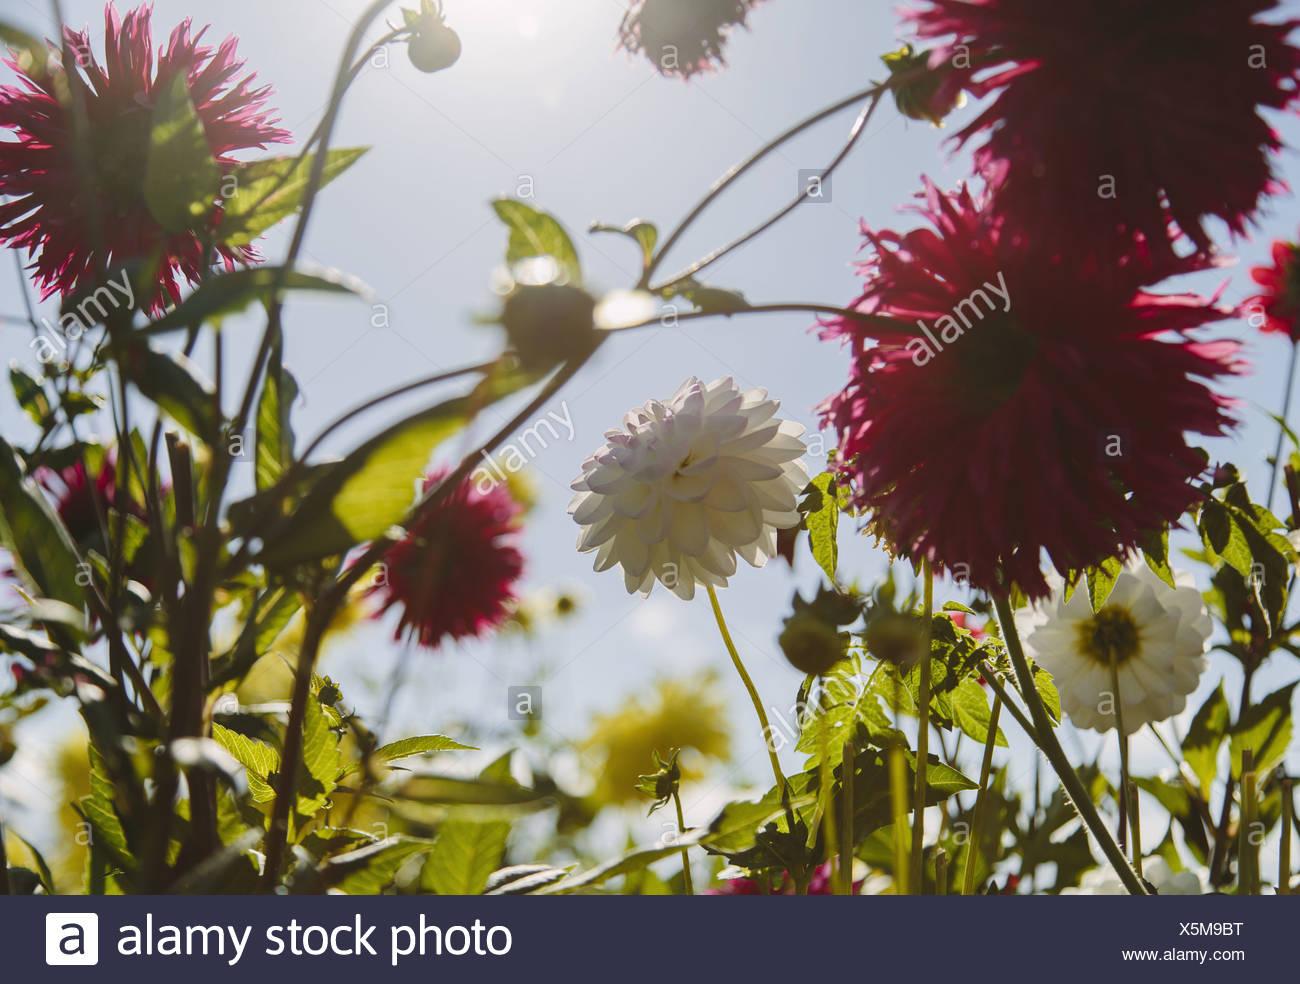 Seattle Washington USA blühen rote und weiße Dahliflowers im Garten Stockbild